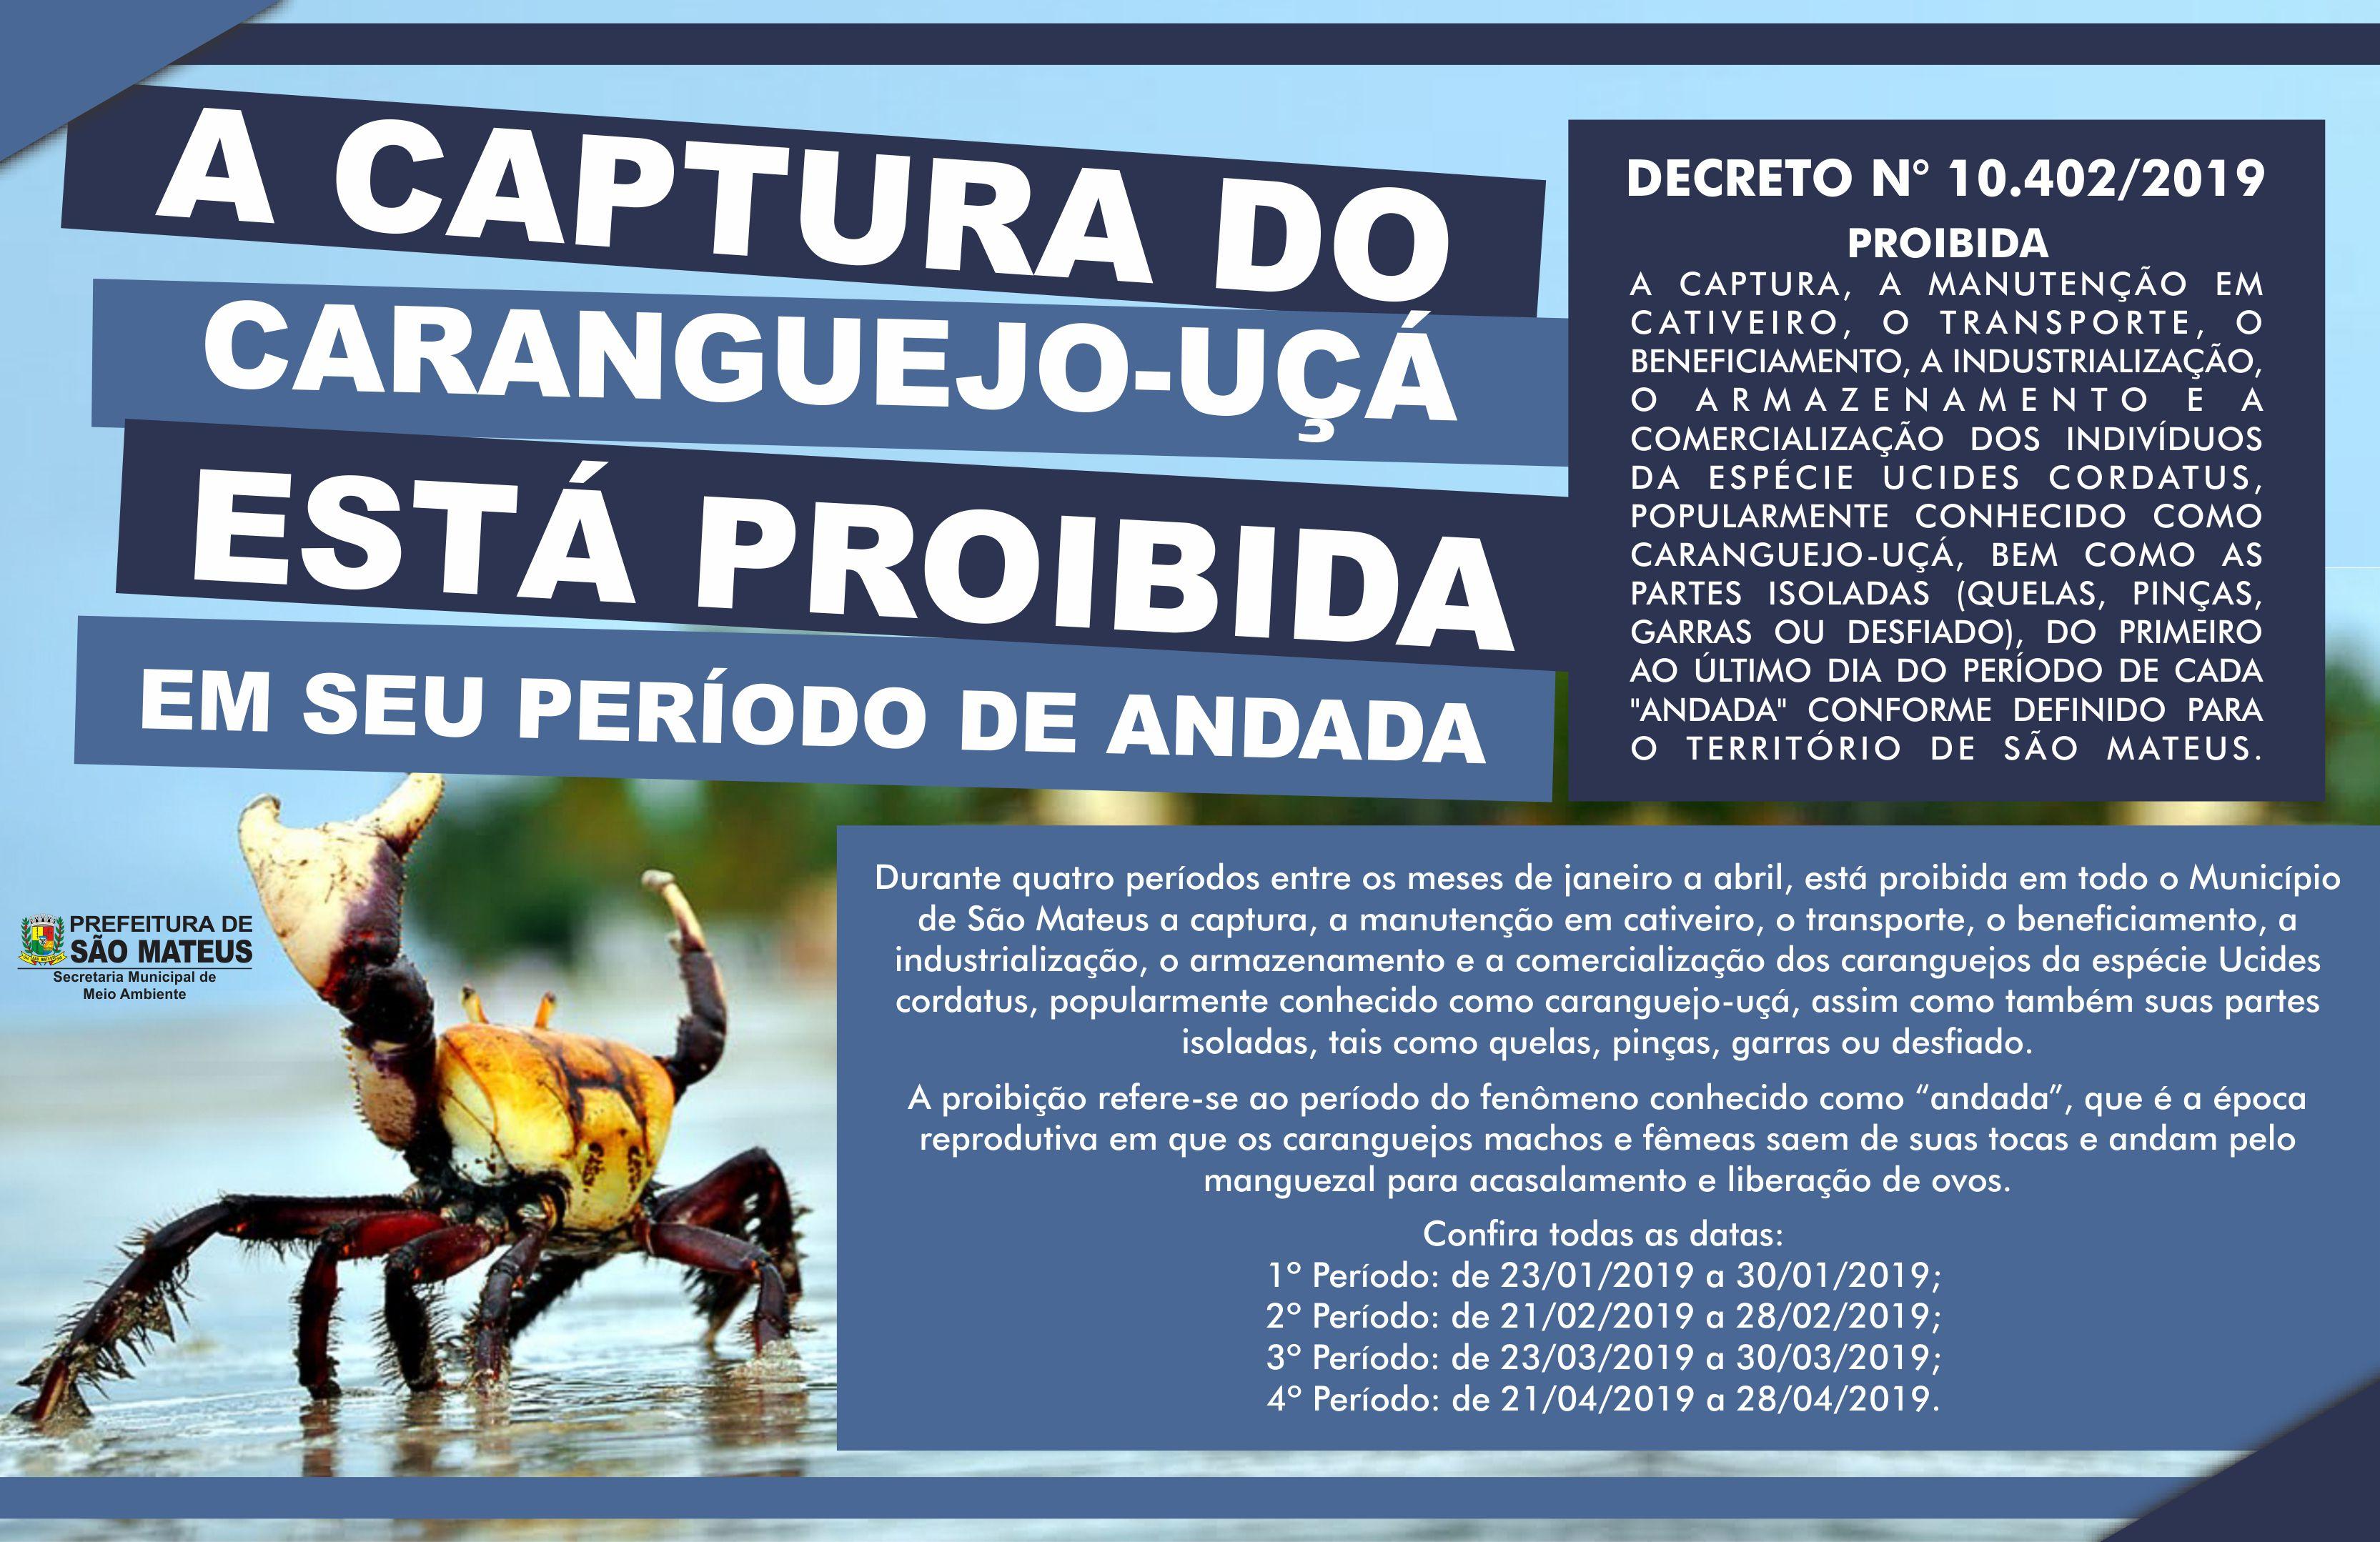 PMSM informa o período de defeso do caranguejo-uçá